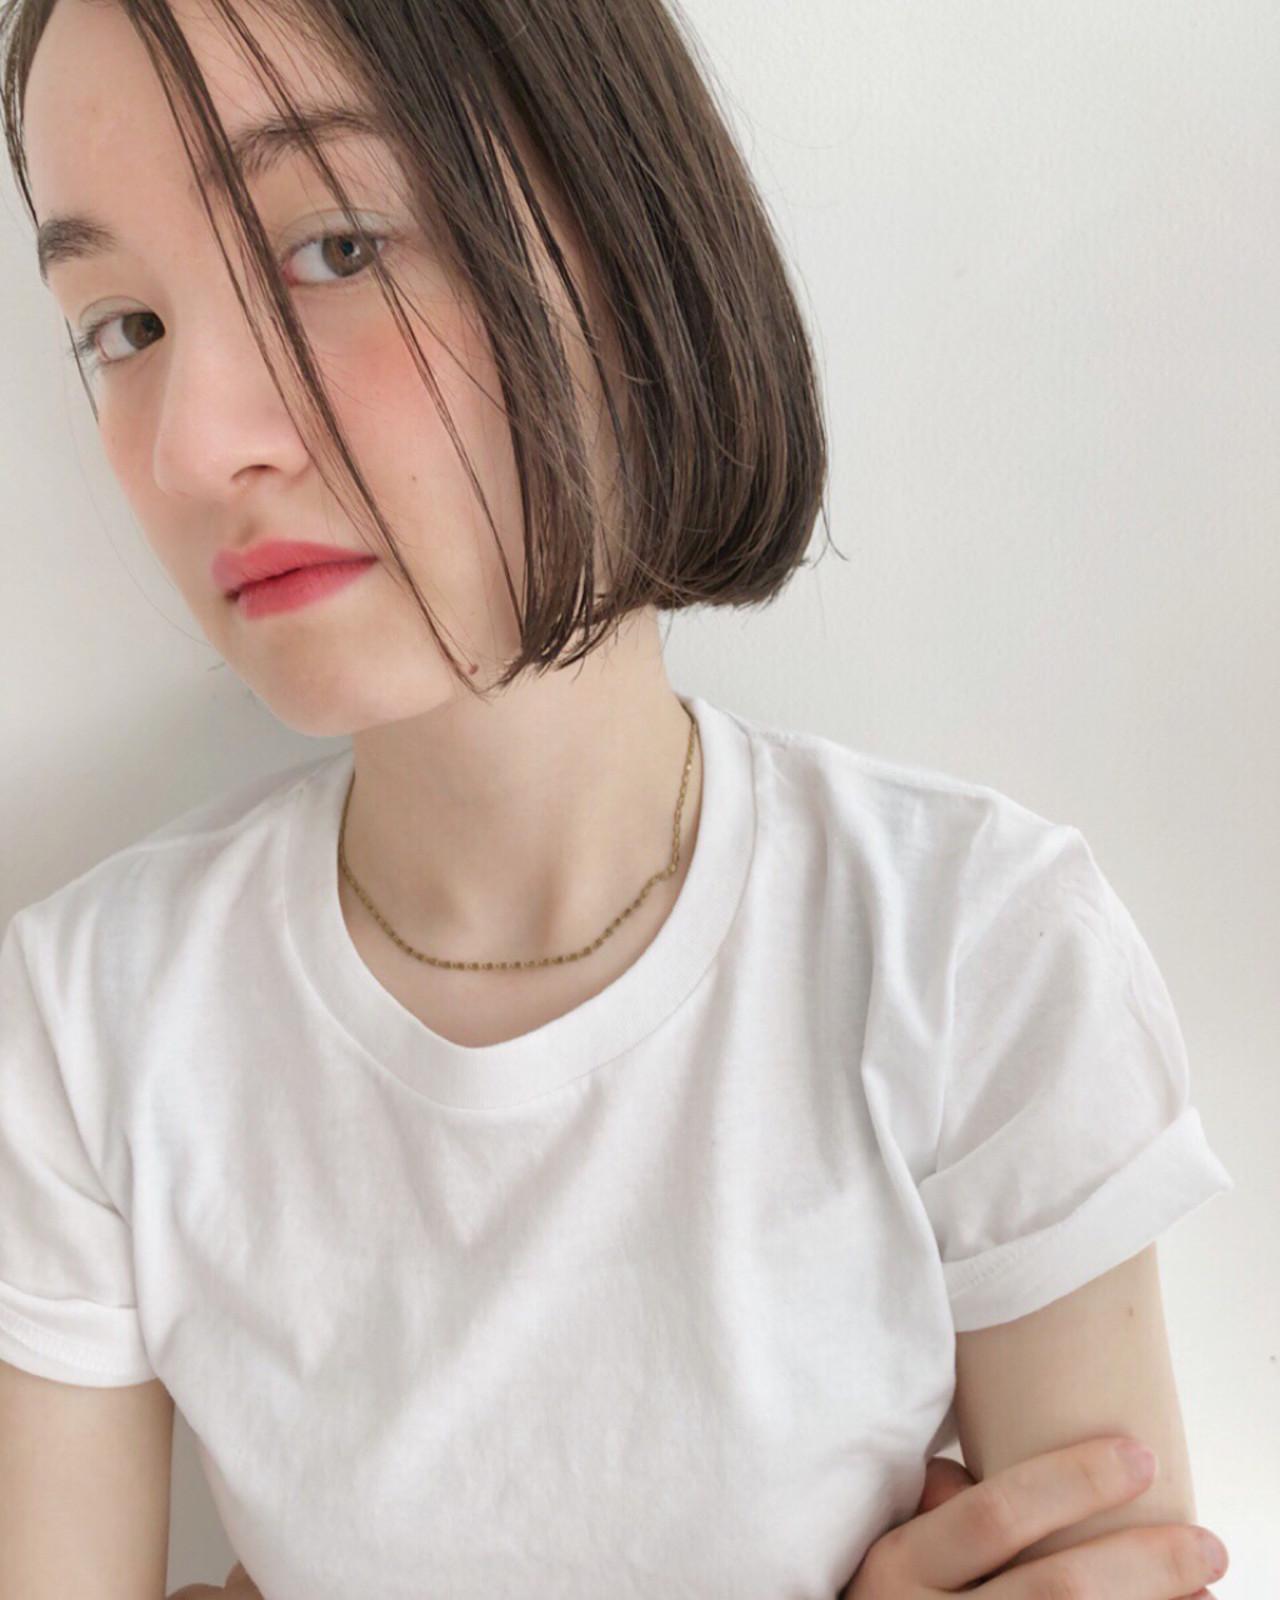 オフィス スポーツ ボブ 透明感 ヘアスタイルや髪型の写真・画像 | 中島 潮里 / whyte / whyte